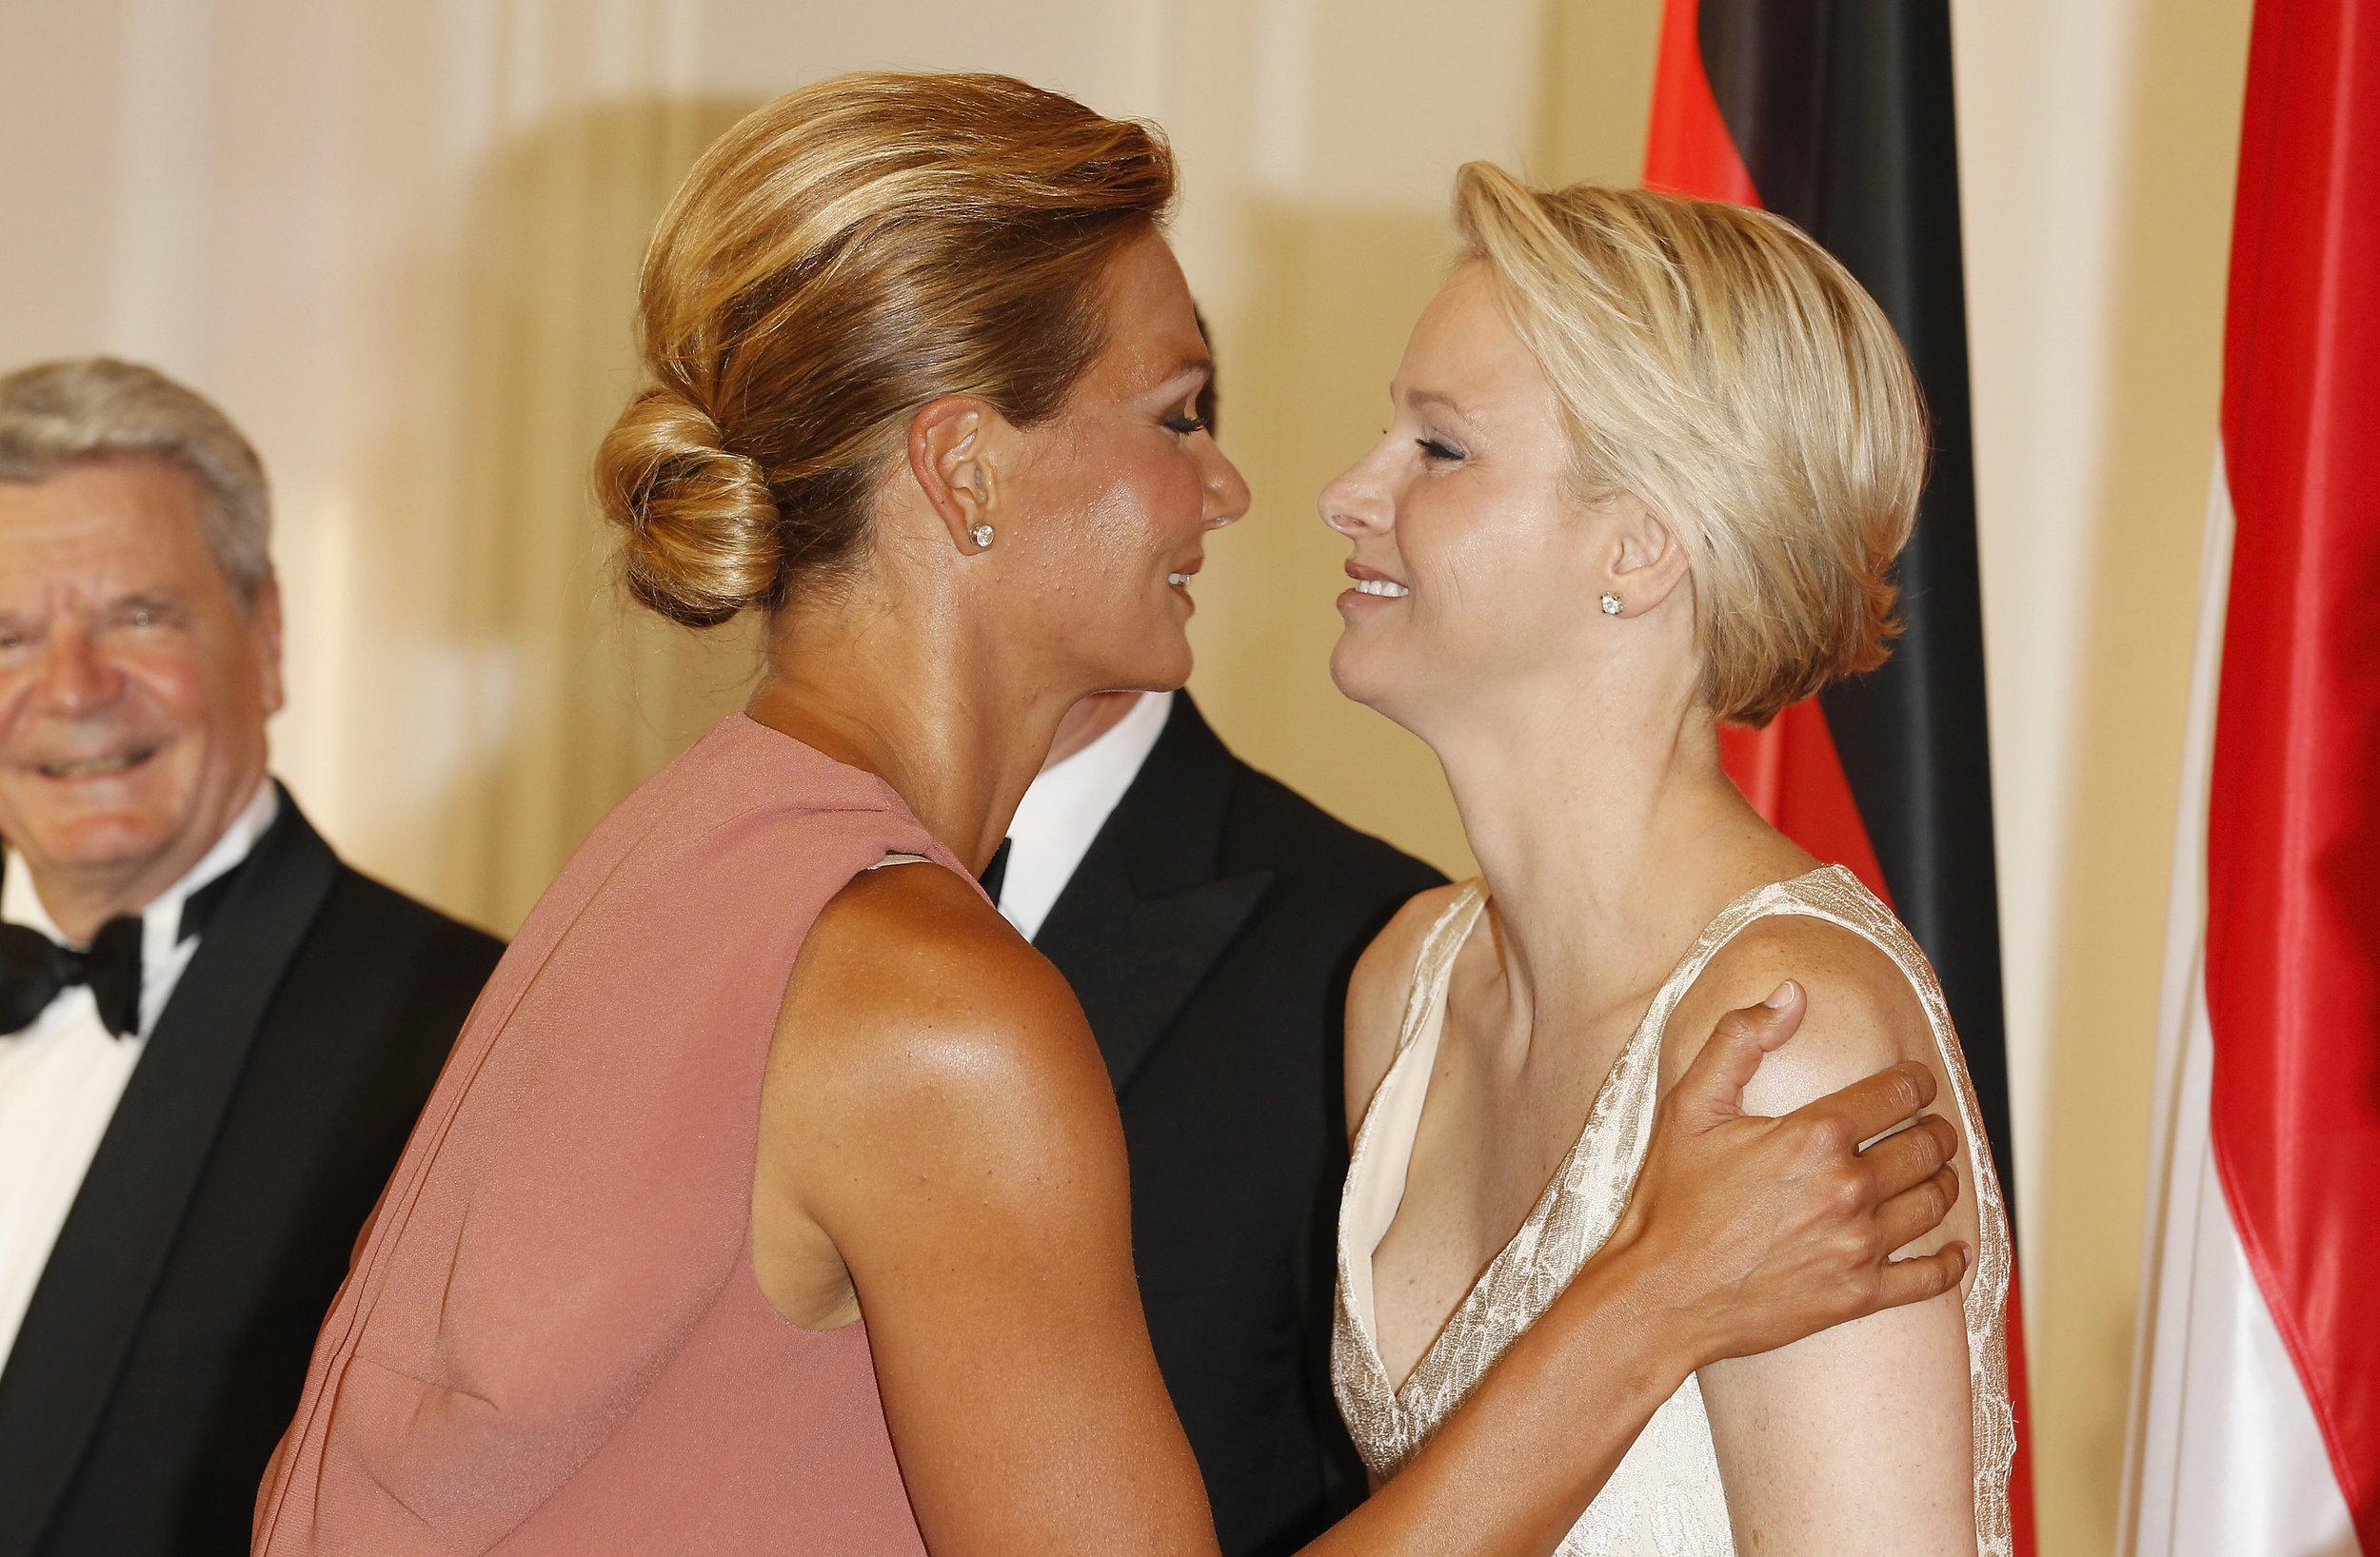 Franziska van Almsick begrüßt ihre Freundin bei einem Treffen im Jahr 2012   Foto: Getty Images